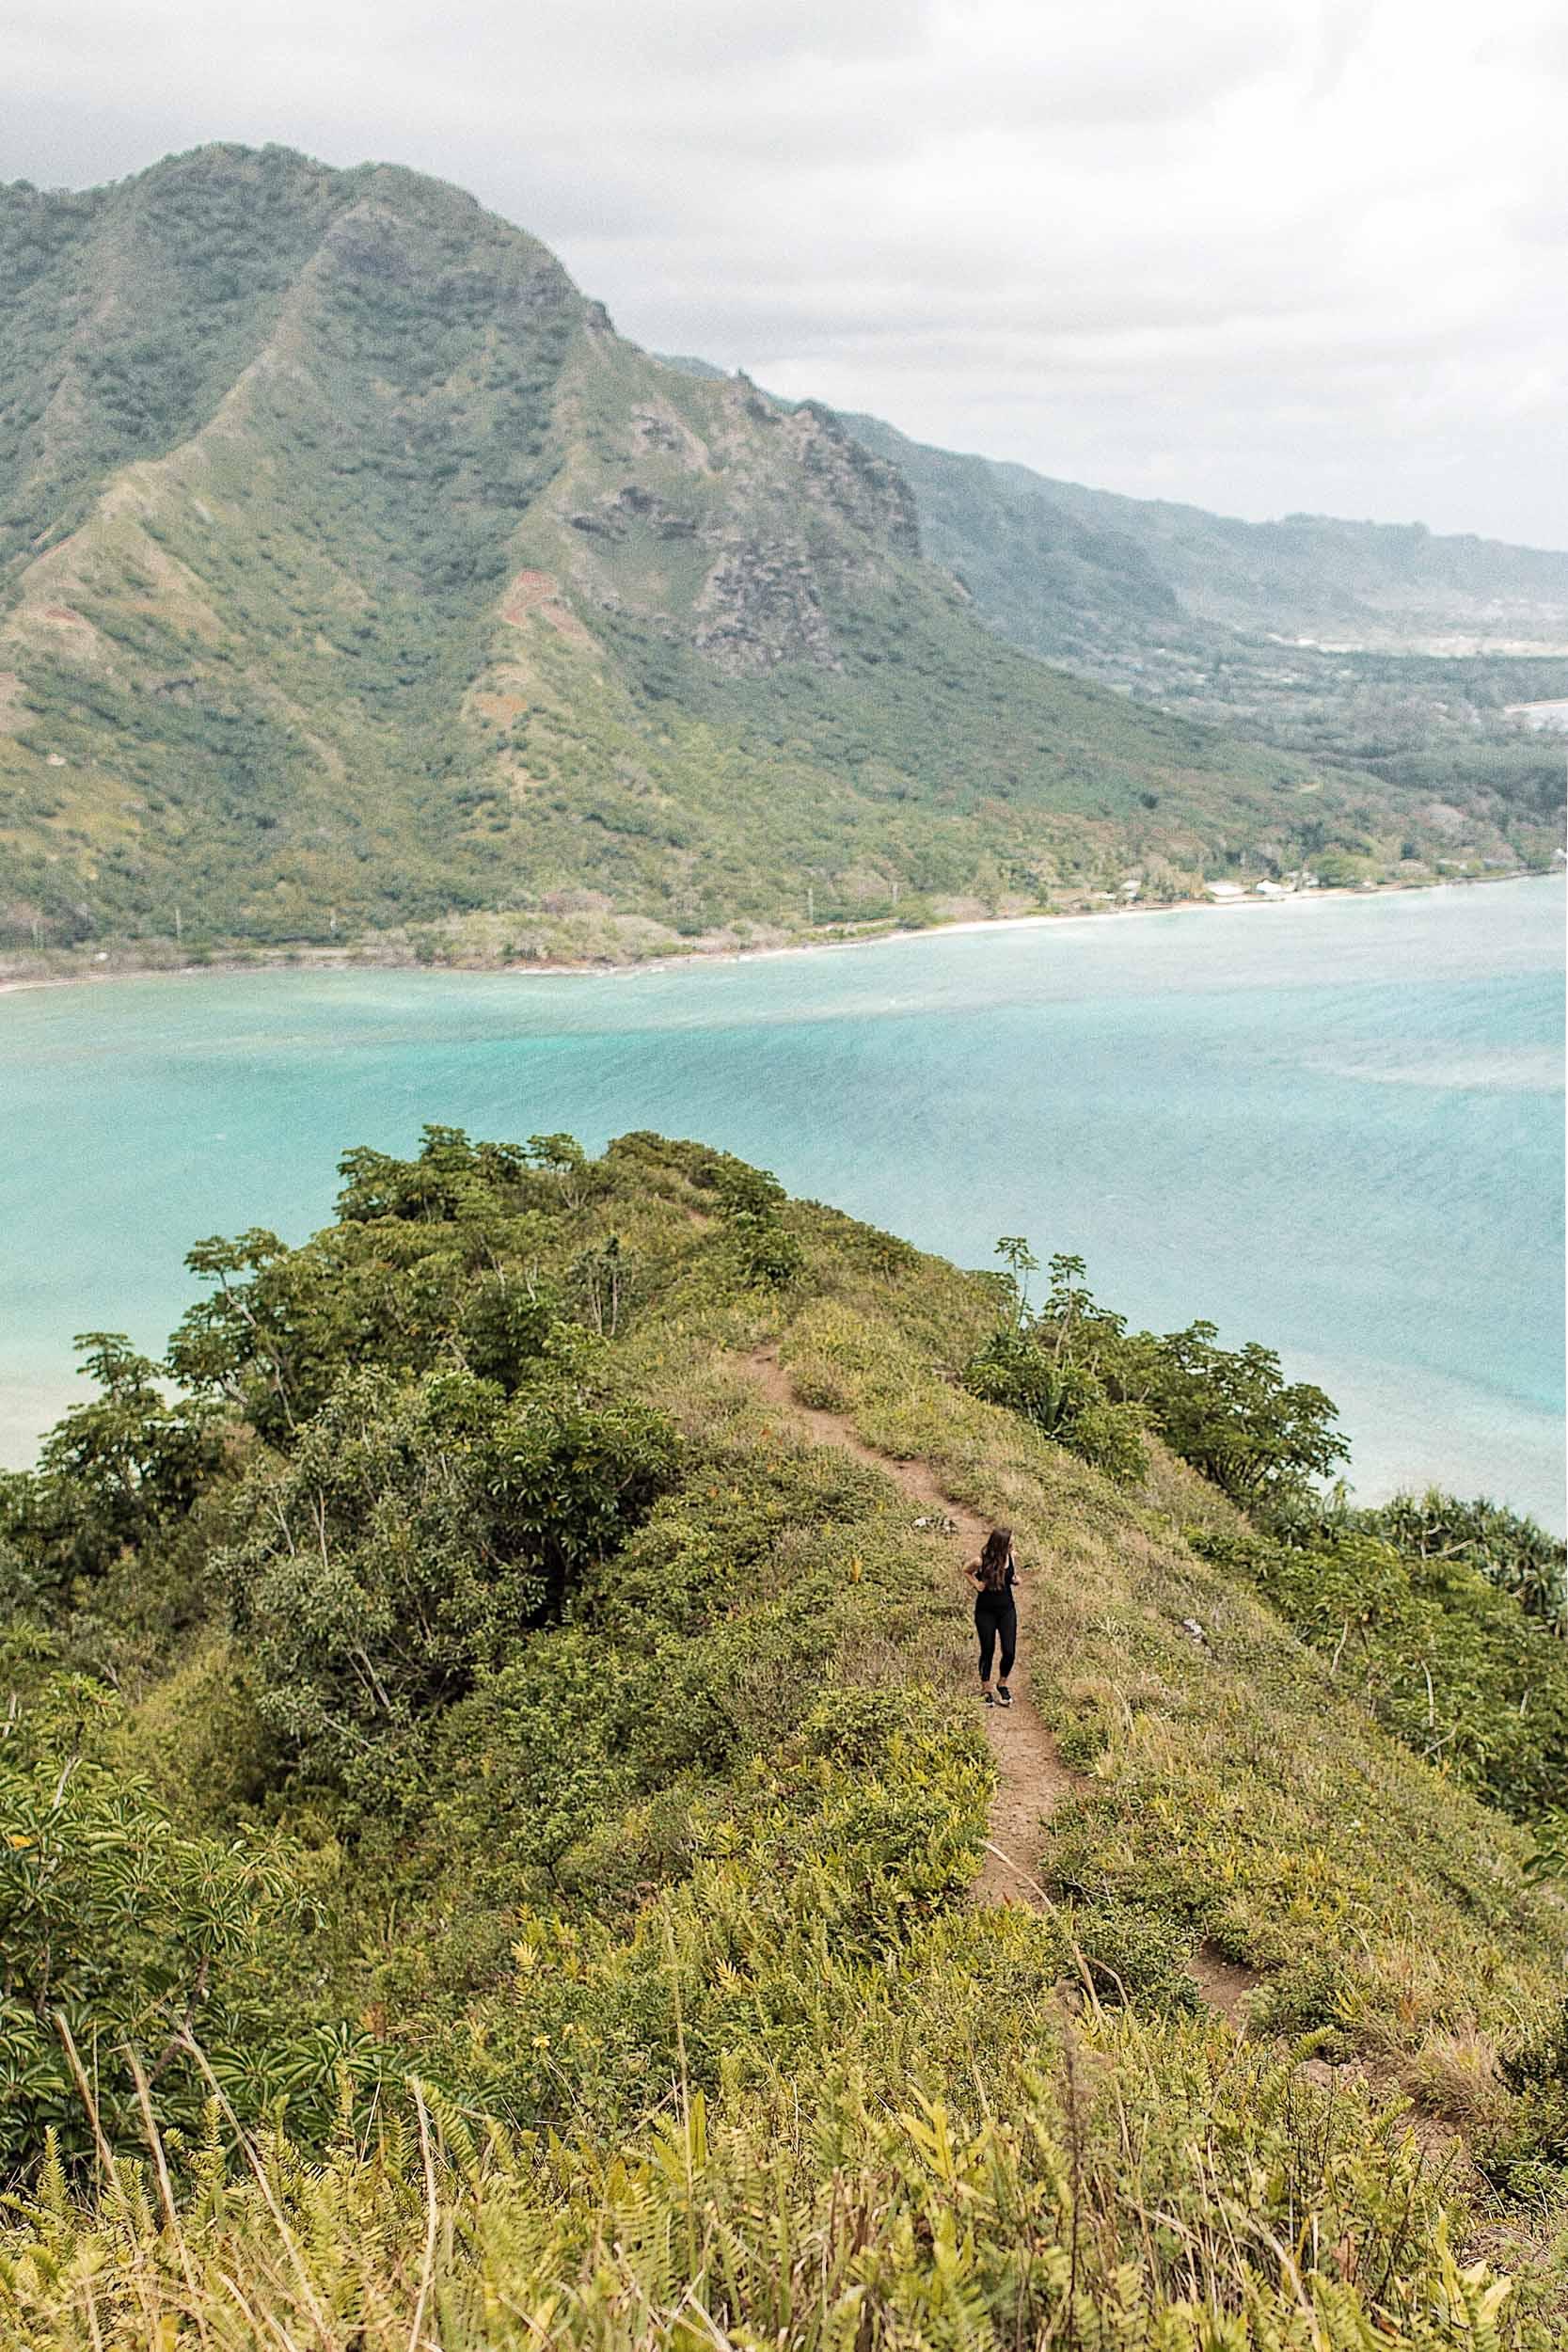 Sunny and beautiful views of Kahana Bay while walking along Crouching Lion Hawaii